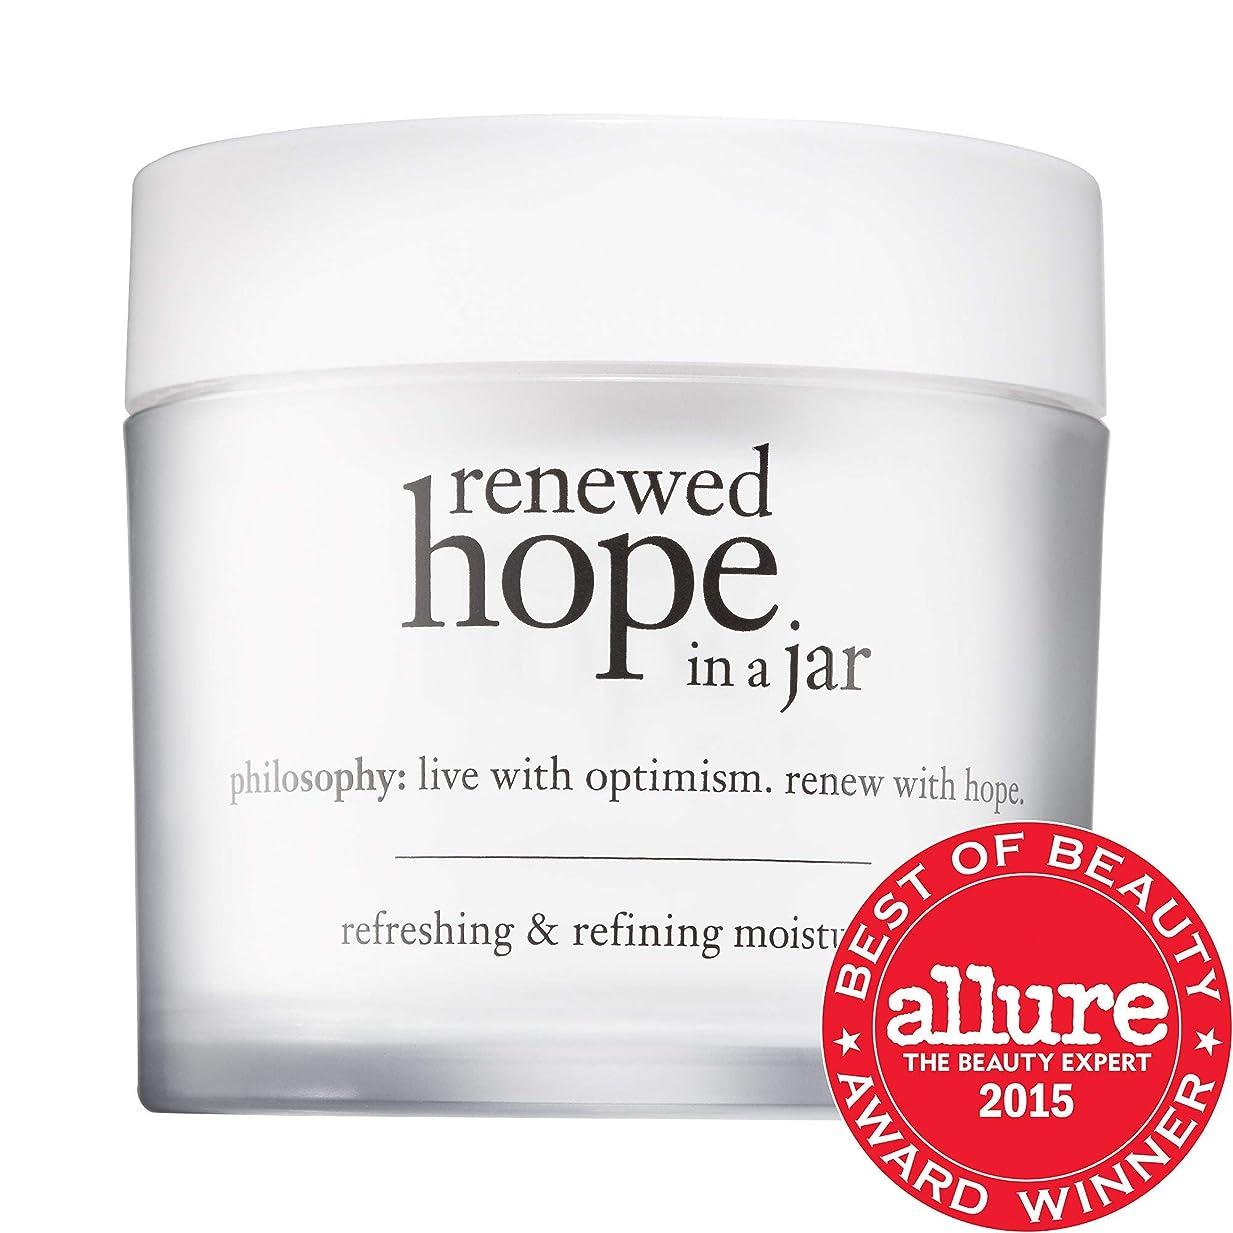 ビートシャベル種[(哲学) PHILOSOPHY] [爽やかで洗練された保湿剤を瓶にリニューアルしました Renewed Hope in A Jar Refreshing & Refining Moisturizer] (並行輸入品)